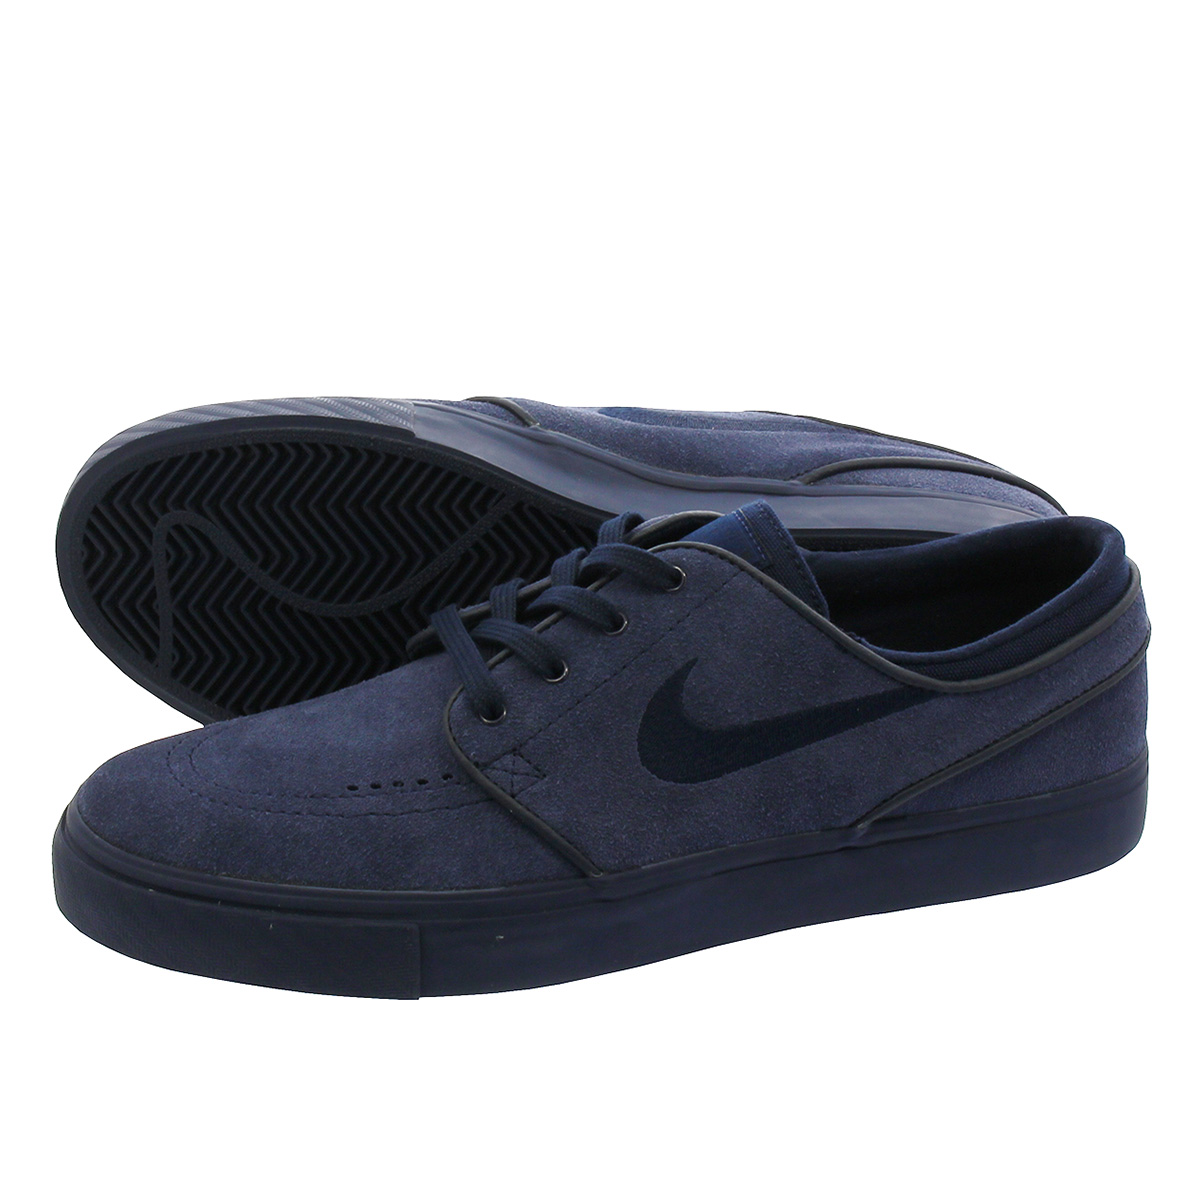 9a625d0a856ab NIKE SB ZOOM STEFAN JANOSKI Nike SB ズームステファンジャノスキ  OBSIDIAN OBSIDIAN OBSIDIAN 333